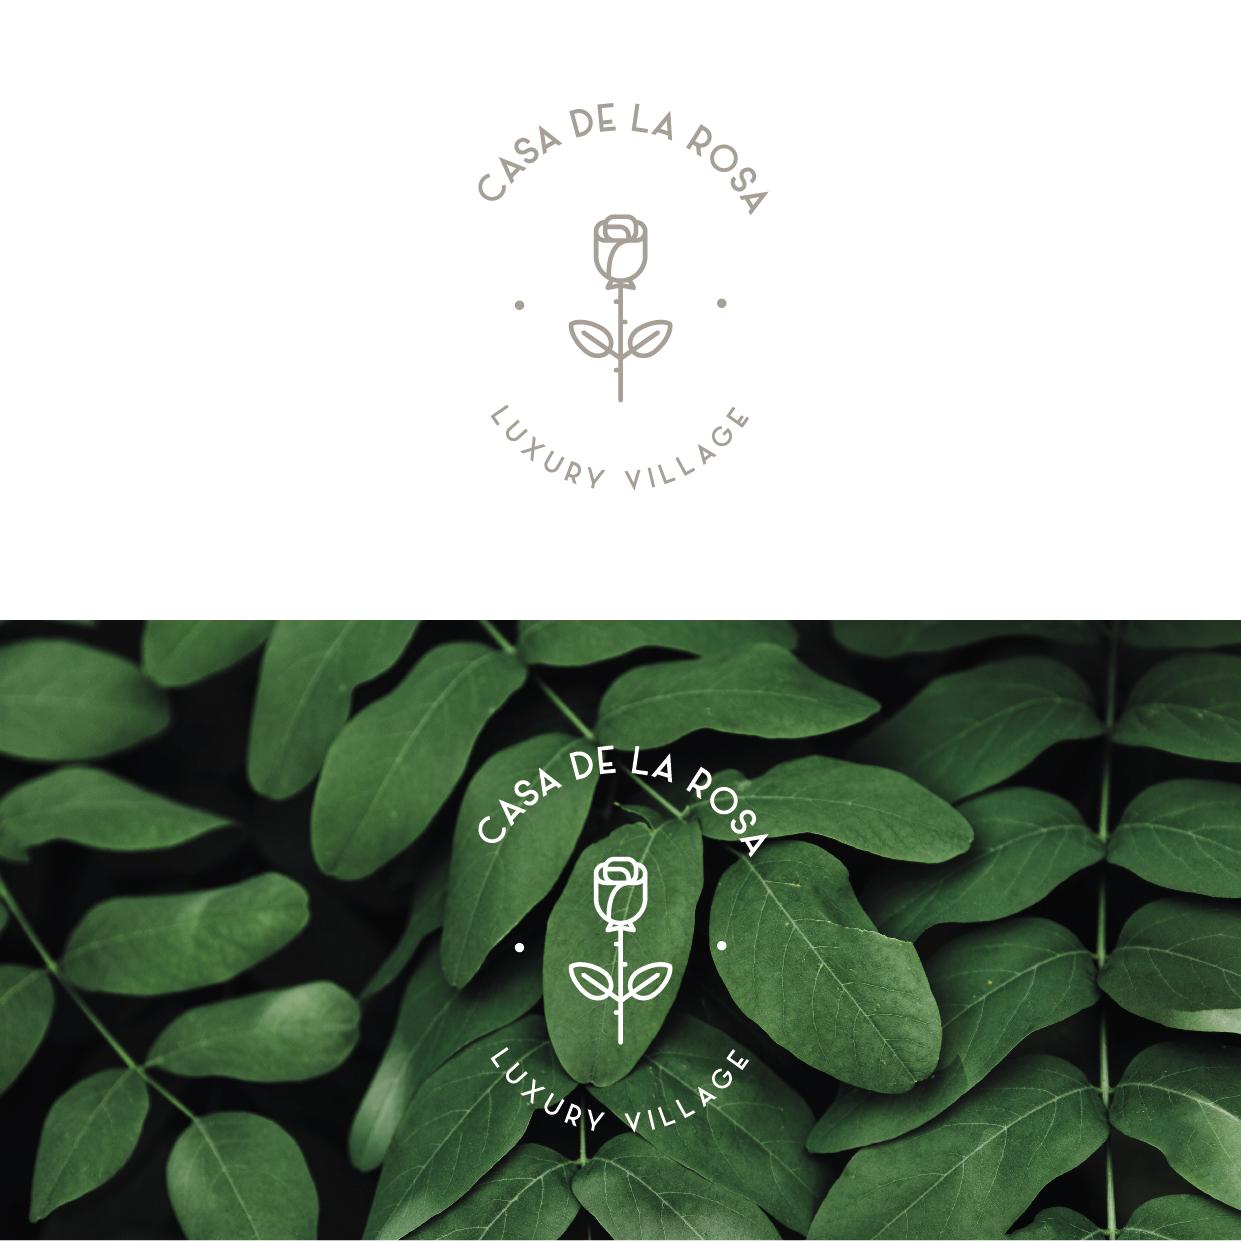 Логотип + Фирменный знак для элитного поселка Casa De La Rosa фото f_0165cd4dc21ba54c.jpg